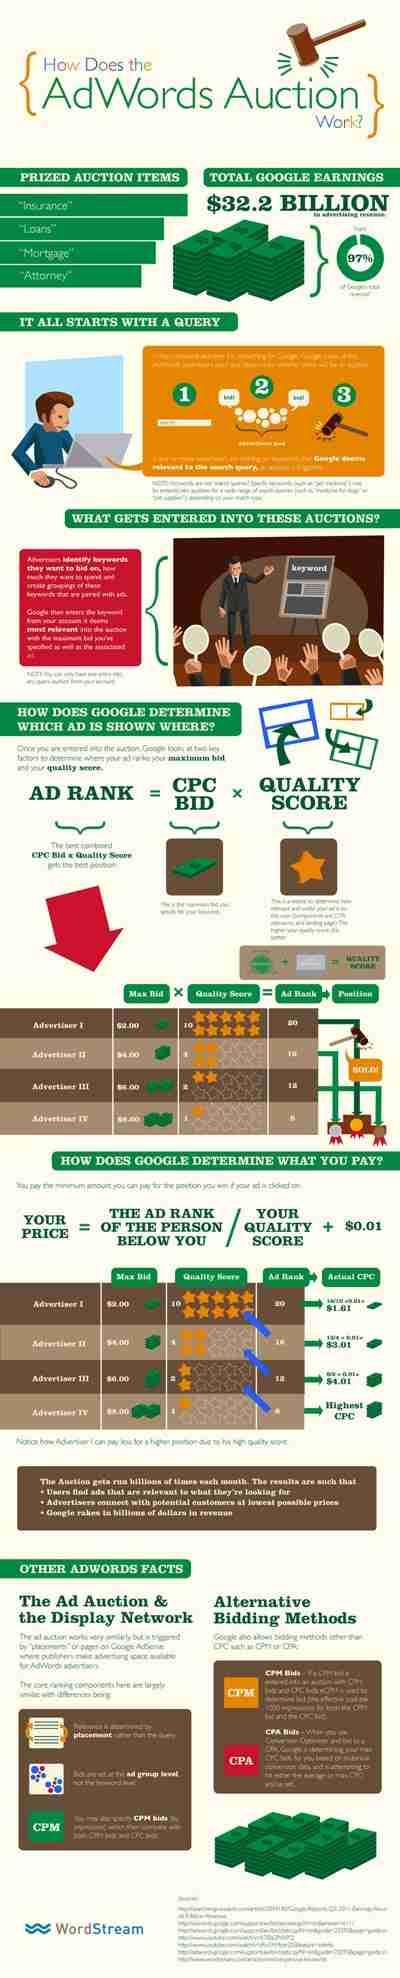 كيف تعمل منصة إعلانات جوجل